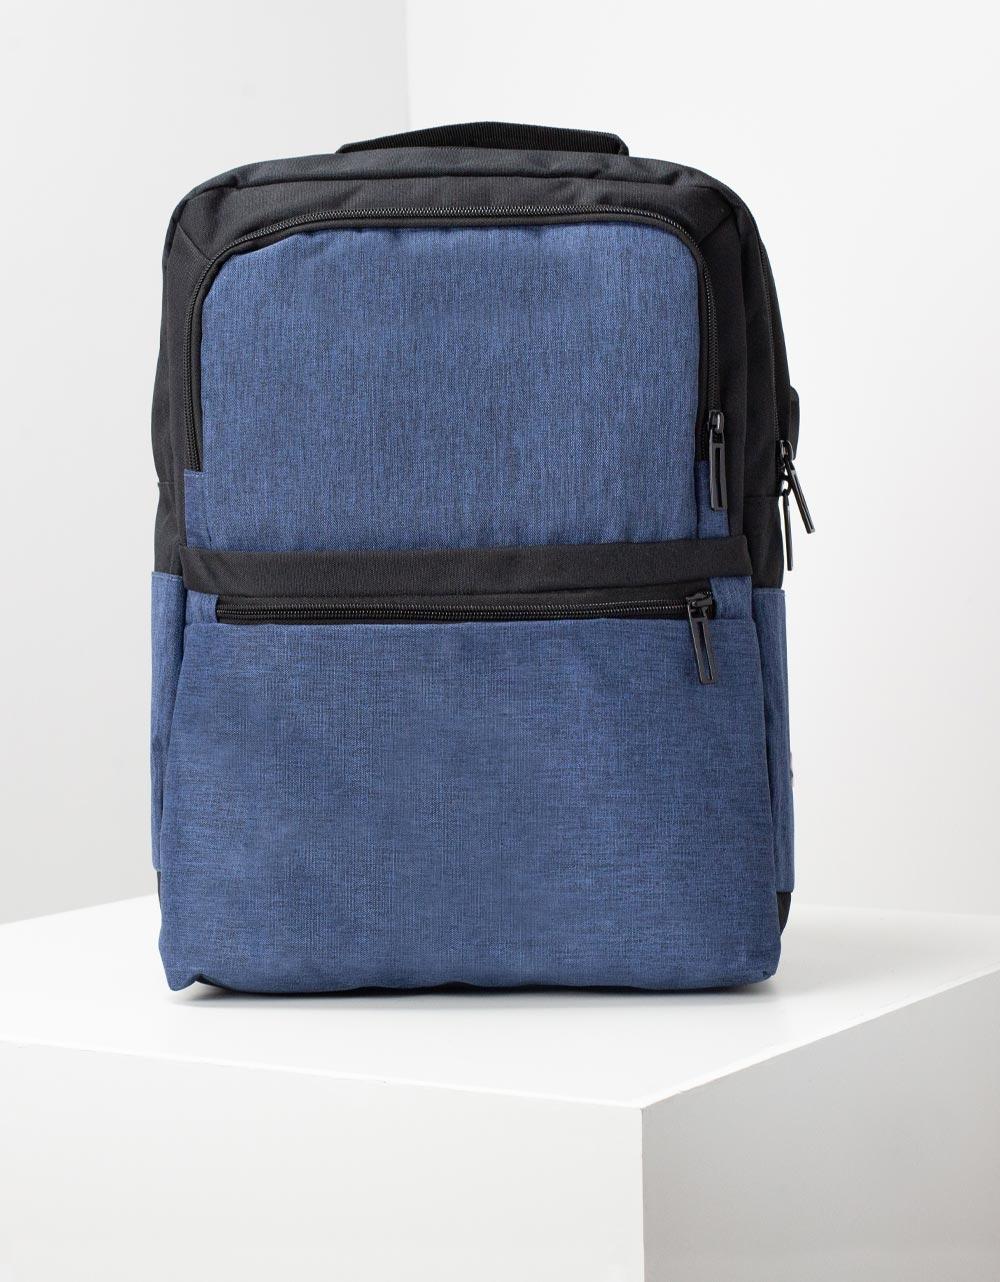 Εικόνα από Ανδρικά σακίδια πλάτης με εξωτερικές θήκες Μπλε